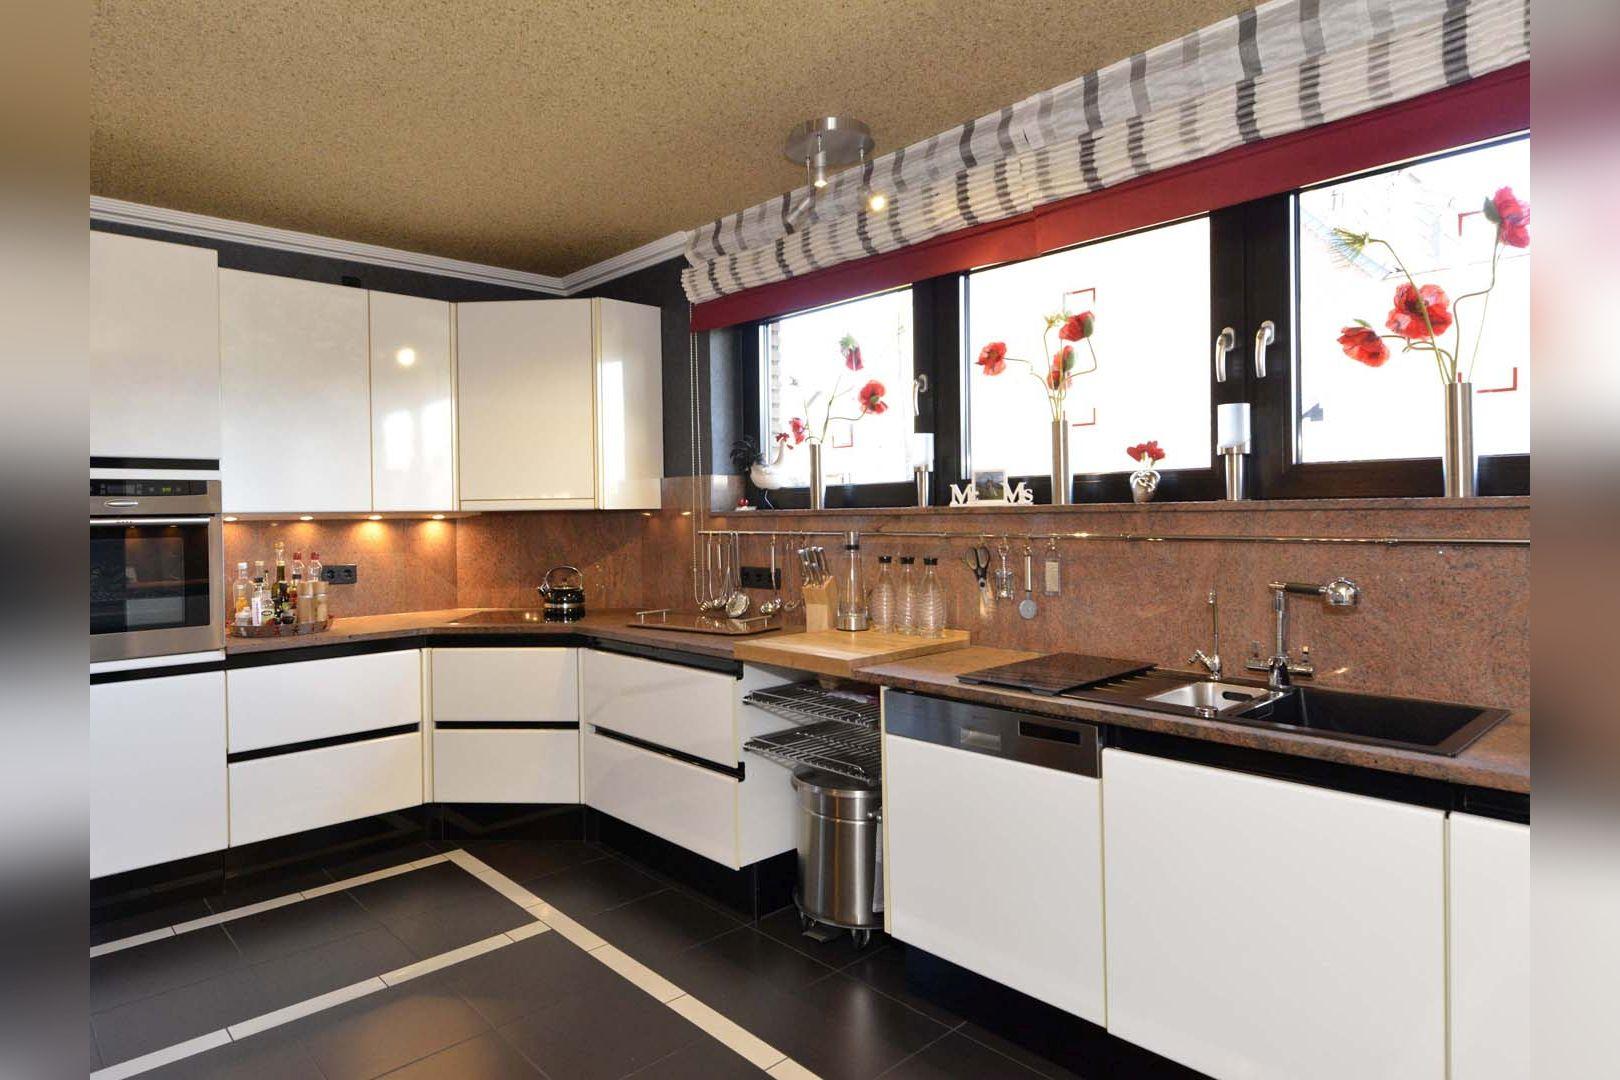 Immobilie Nr.0249 - Freisteh. EFH über EG, DG und UG in Wohnqualität - Bild 9.jpg